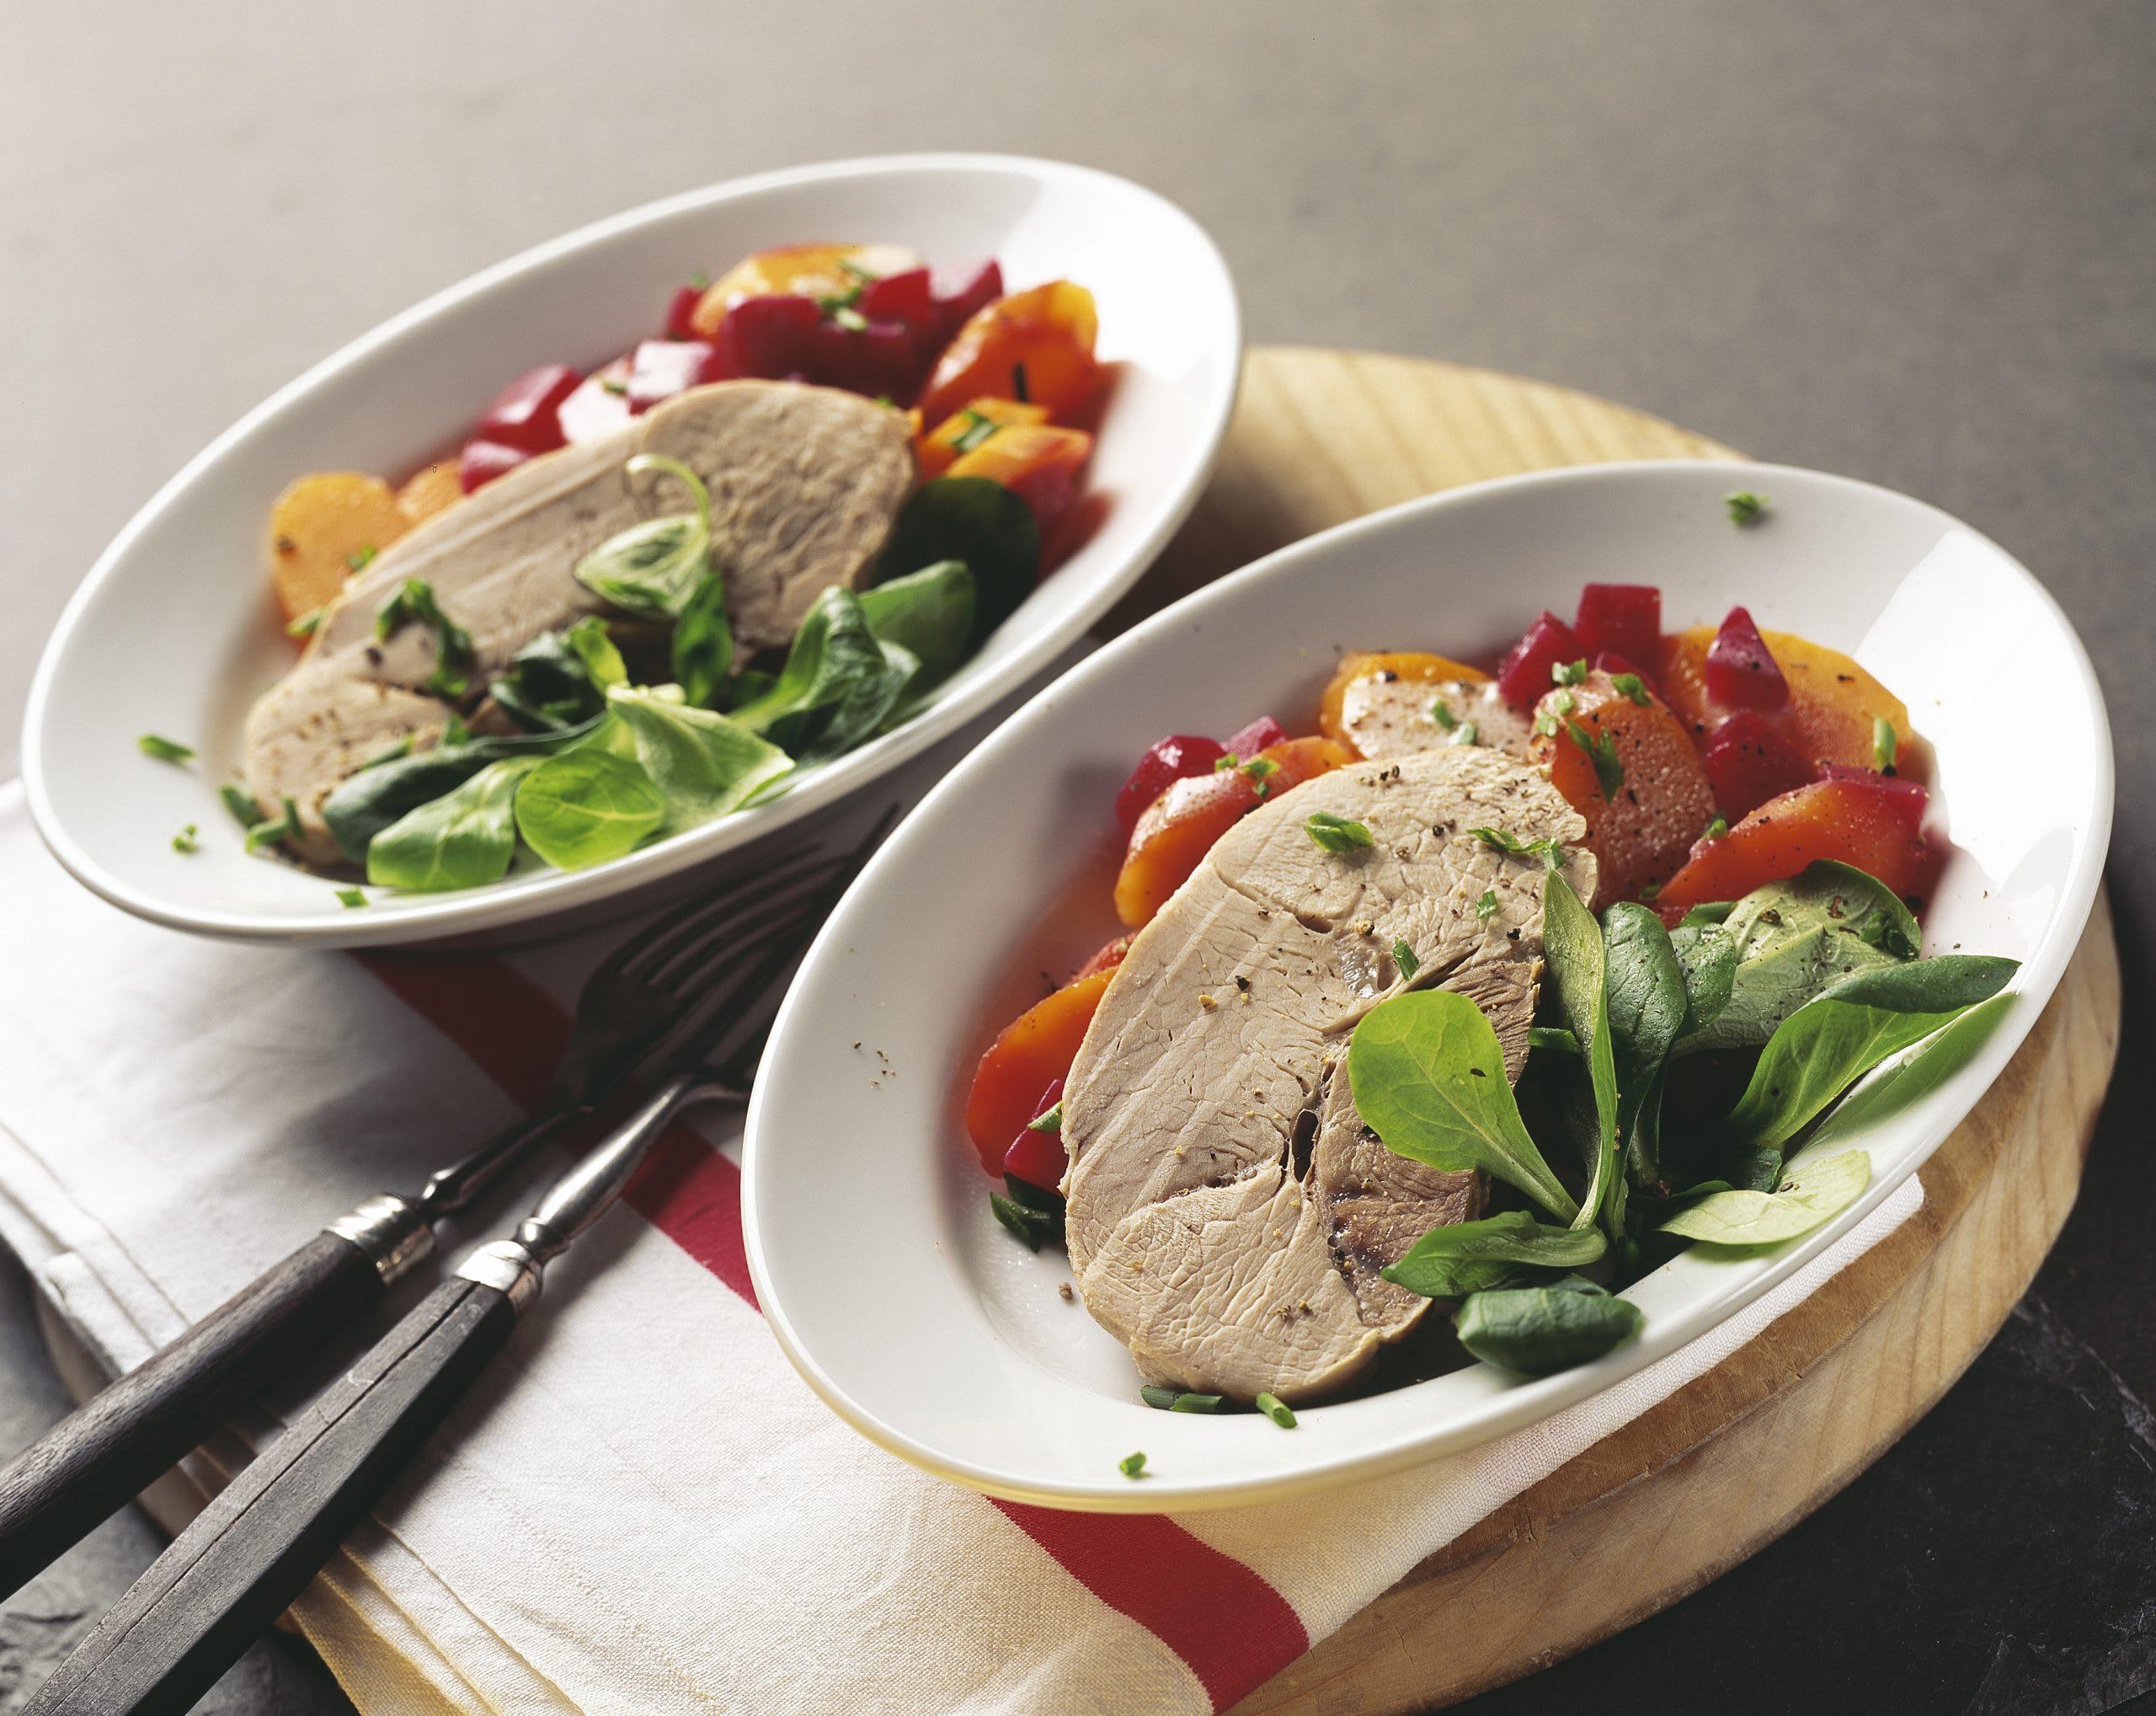 Siedfleisch mit lauwarmem Rüebli-Randen-Salat